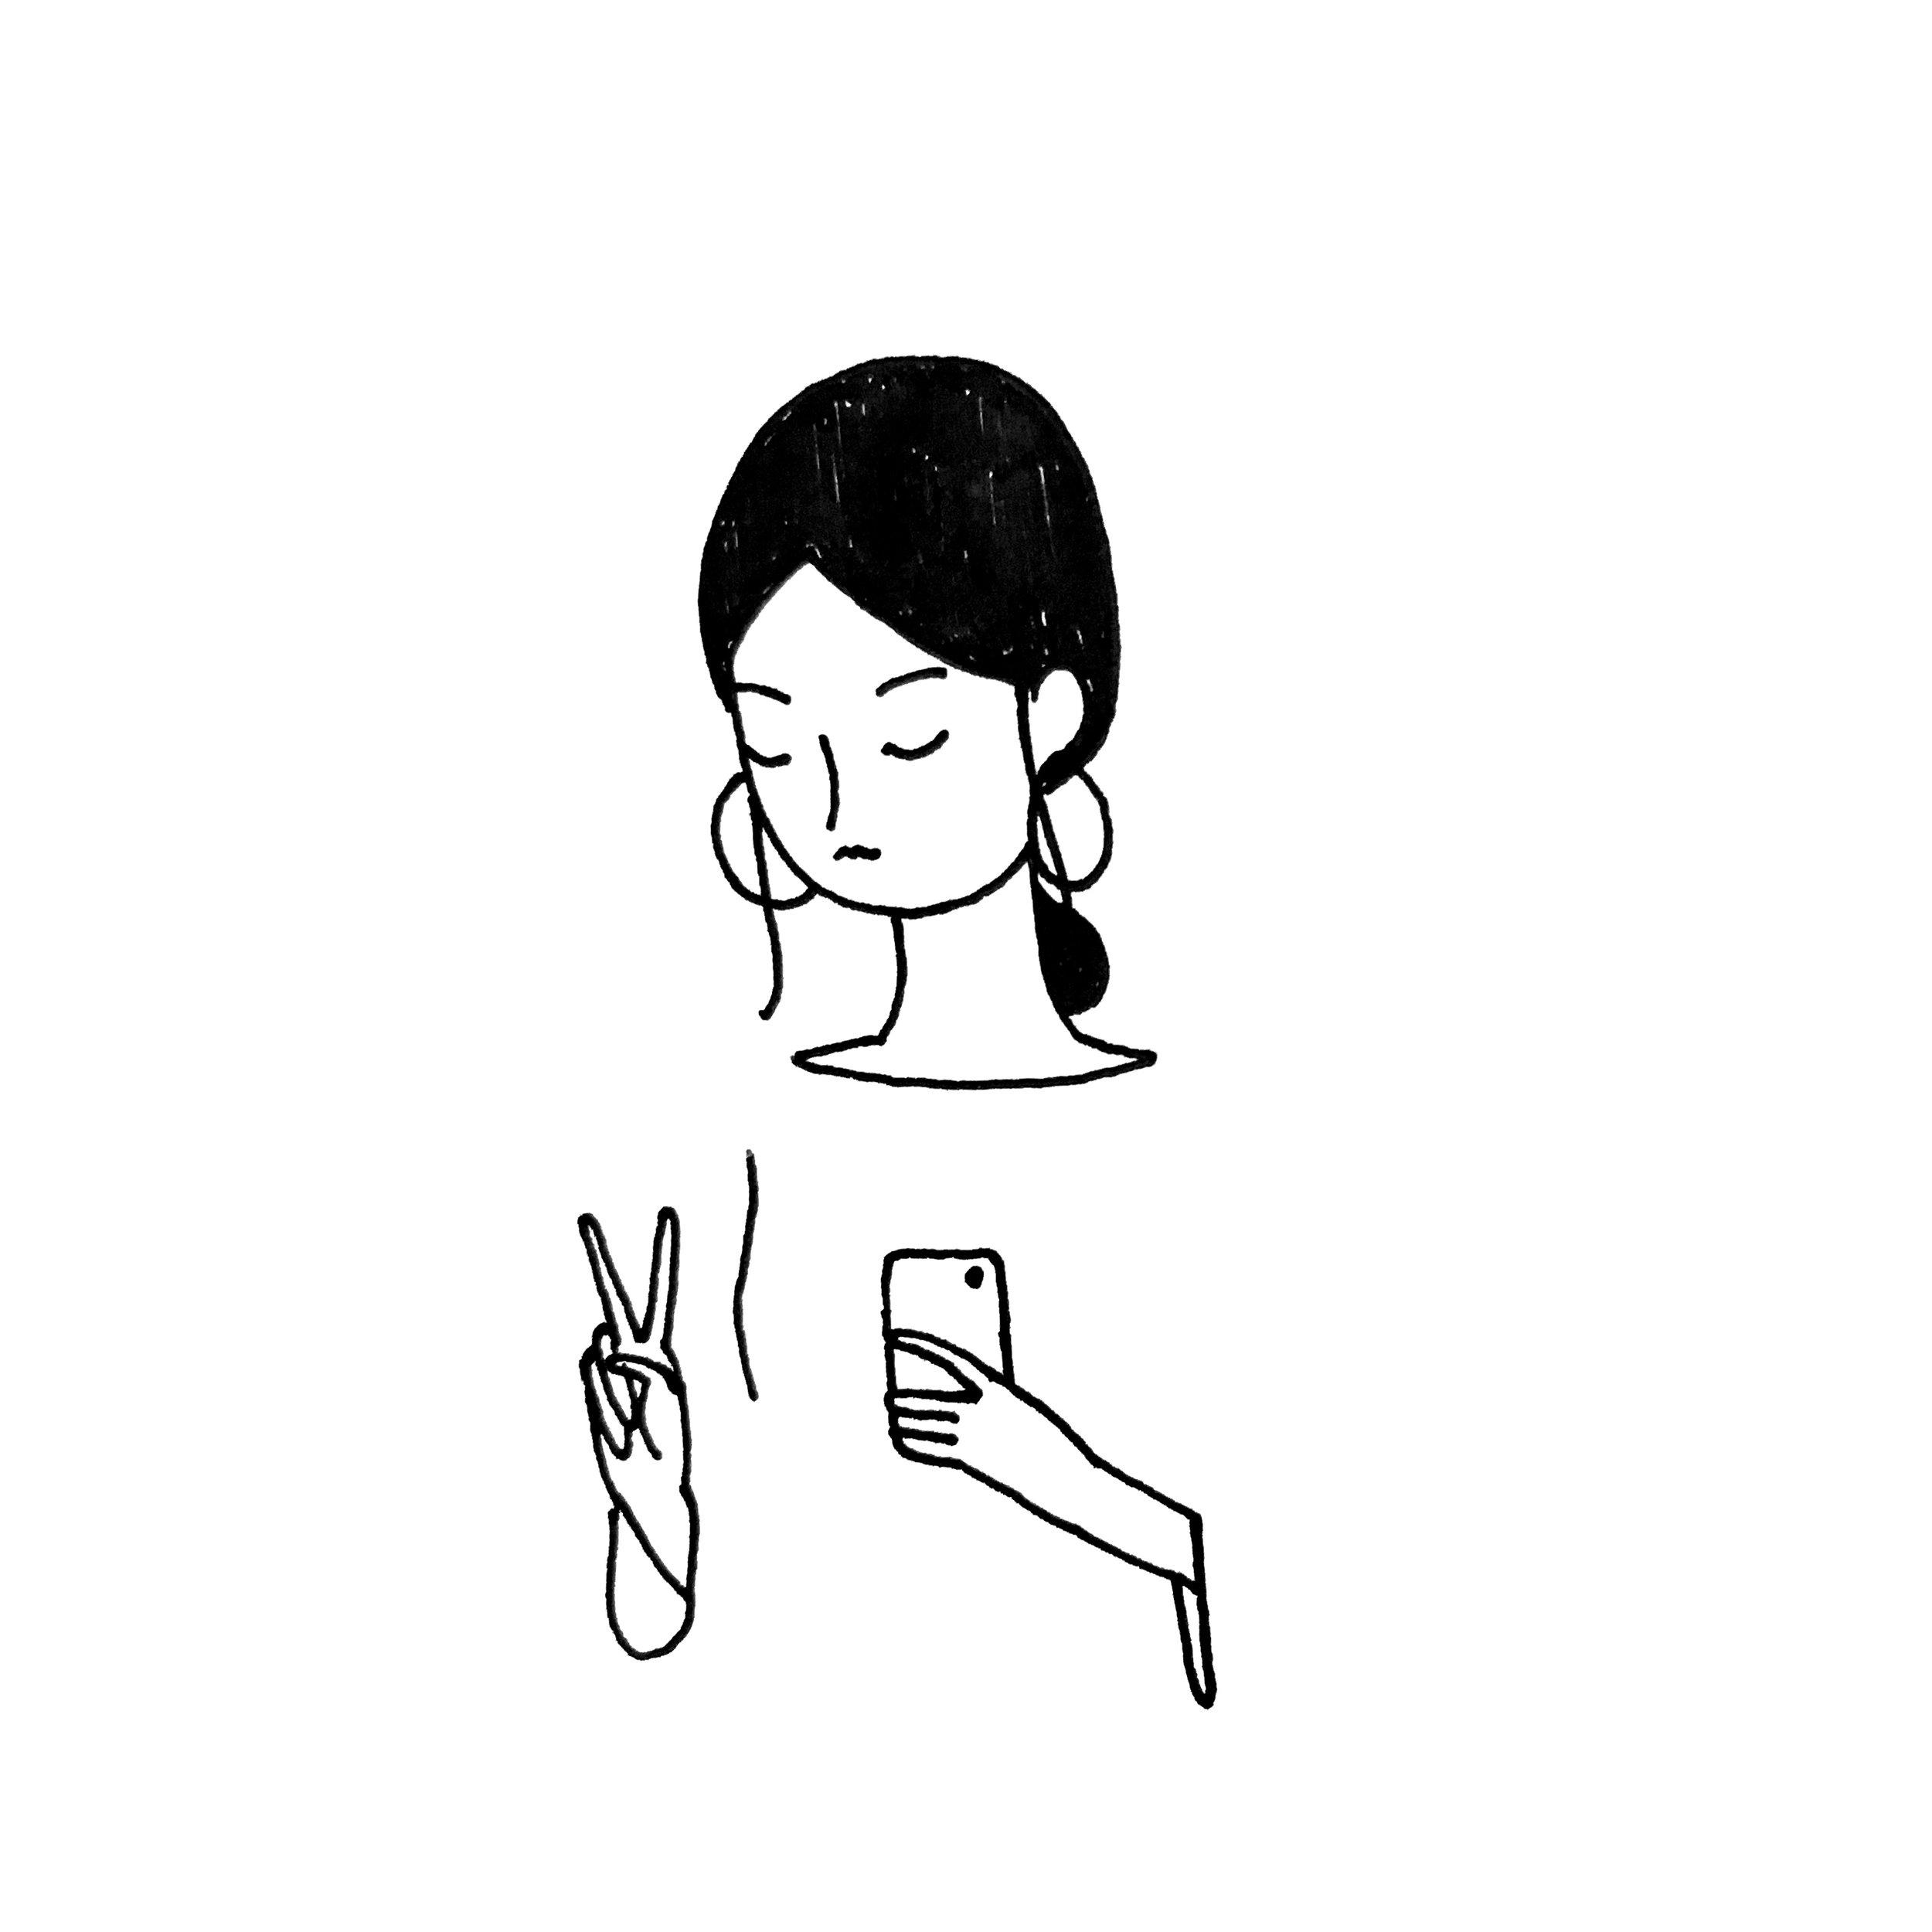 dangerlam_selfie20180402.jpg